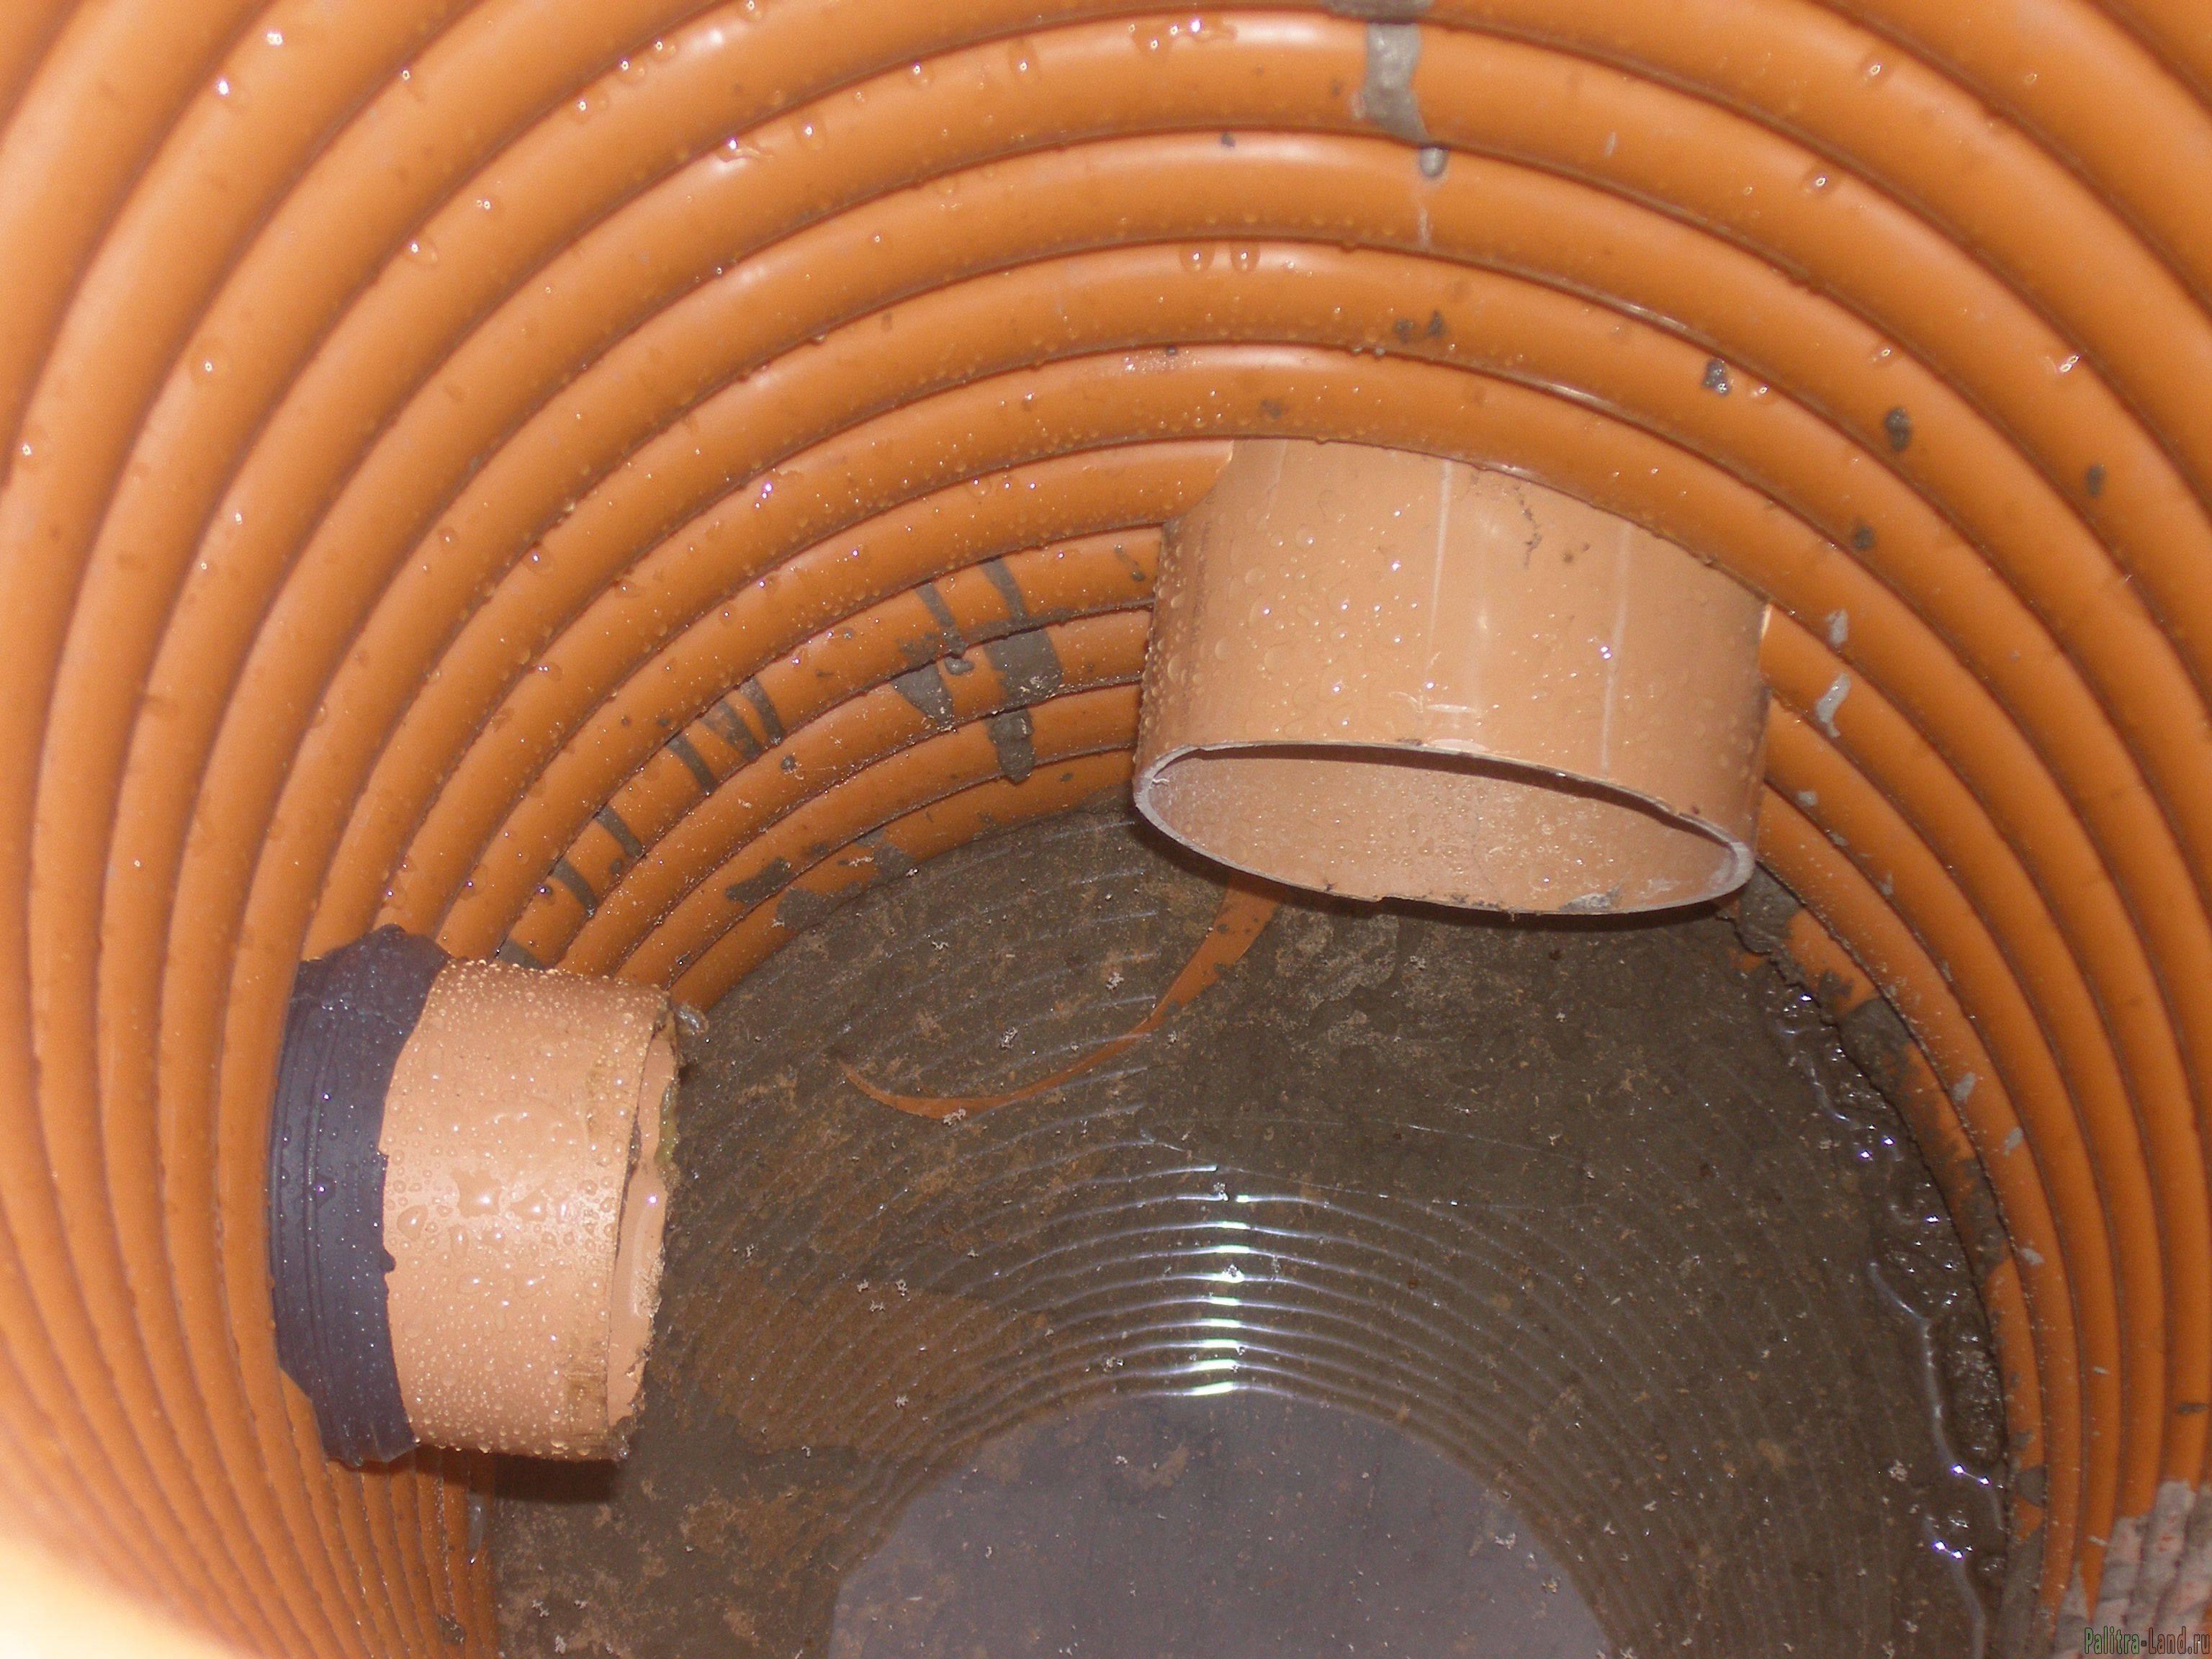 Дренажный колодец из бетонных колец и другие варианты: инструкция как сделать, видео и фото